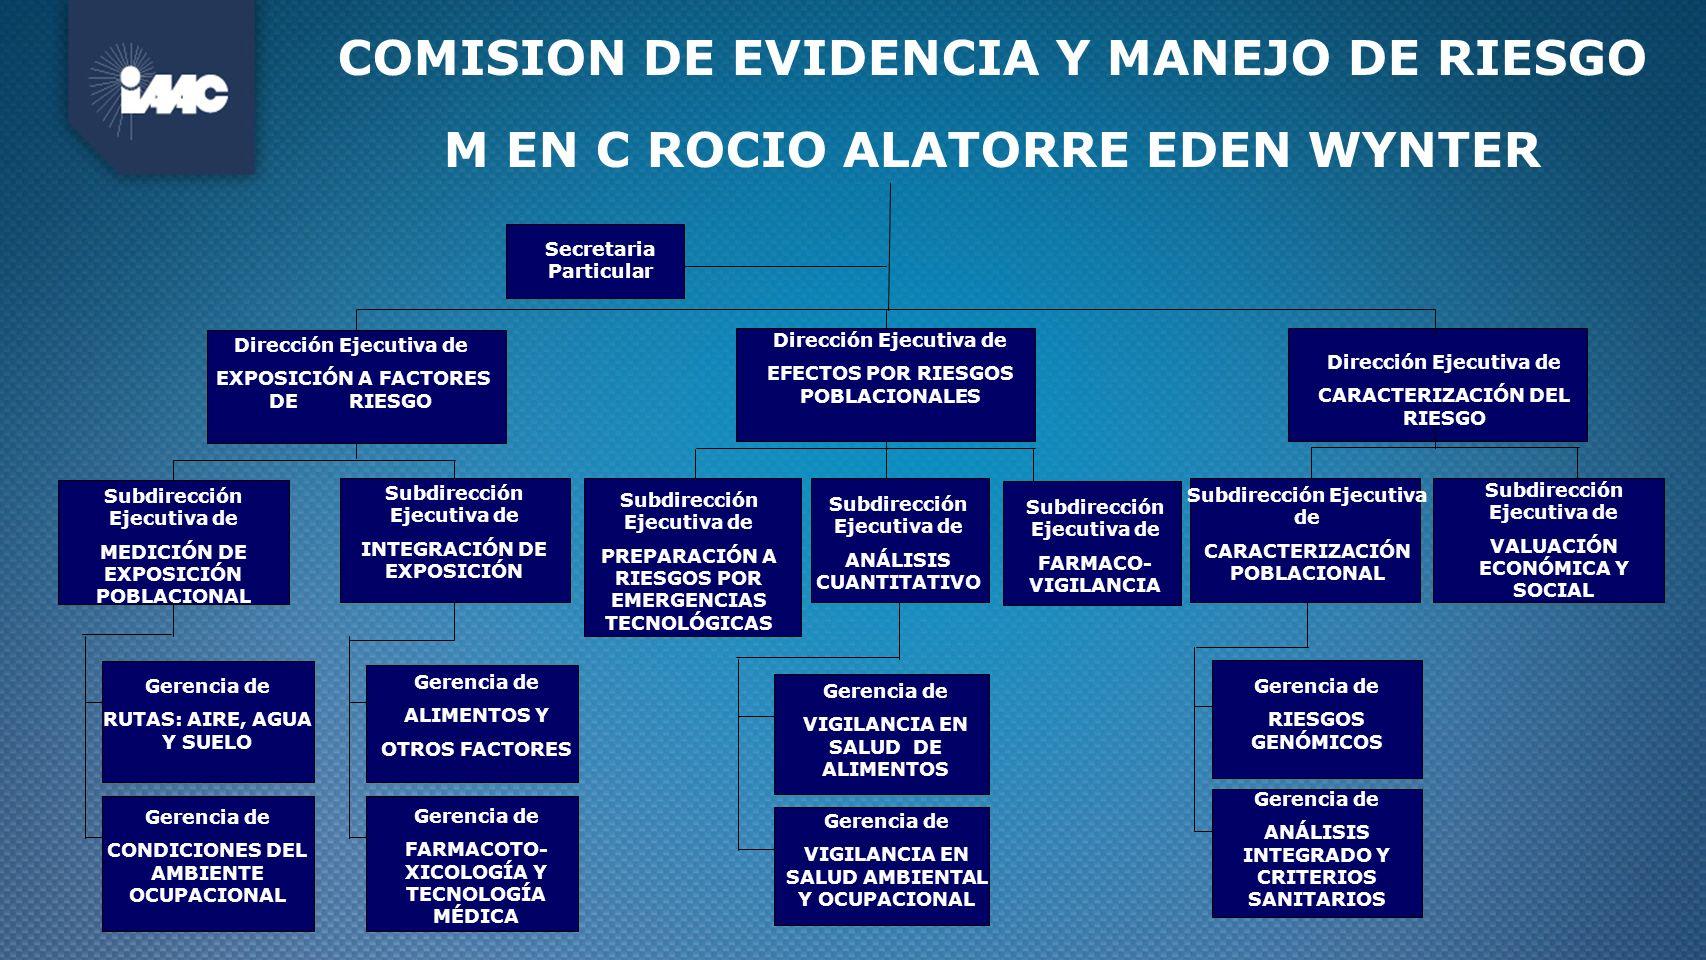 COMISION DE EVIDENCIA Y MANEJO DE RIESGO